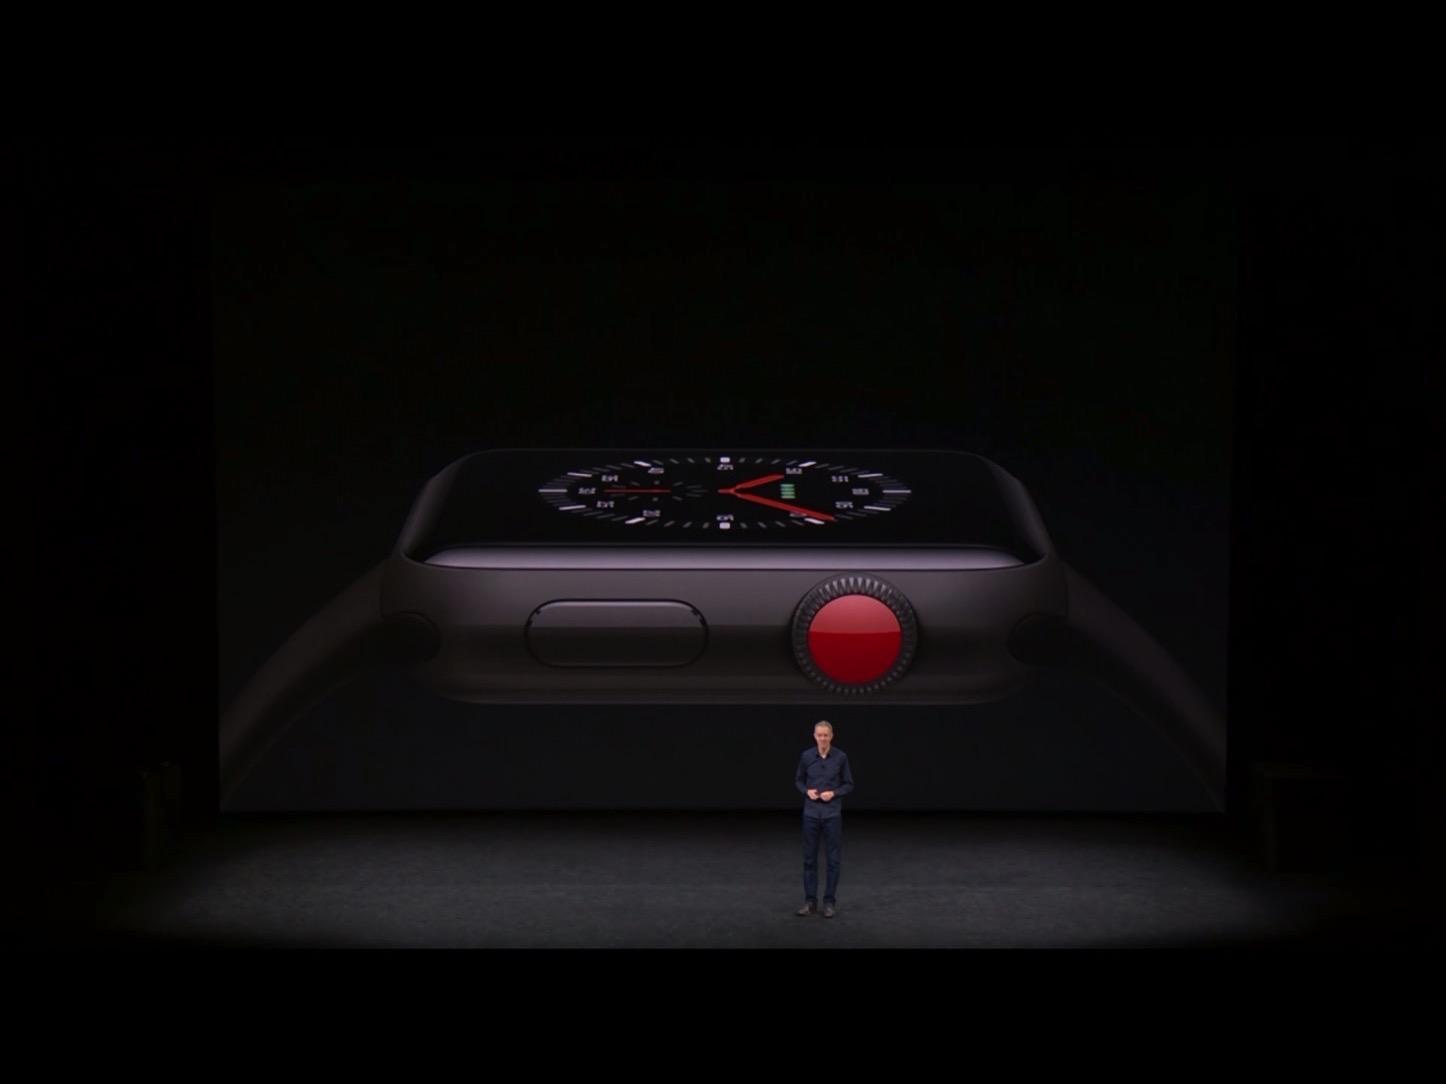 Apple-Watch-Series-3-24.jpg